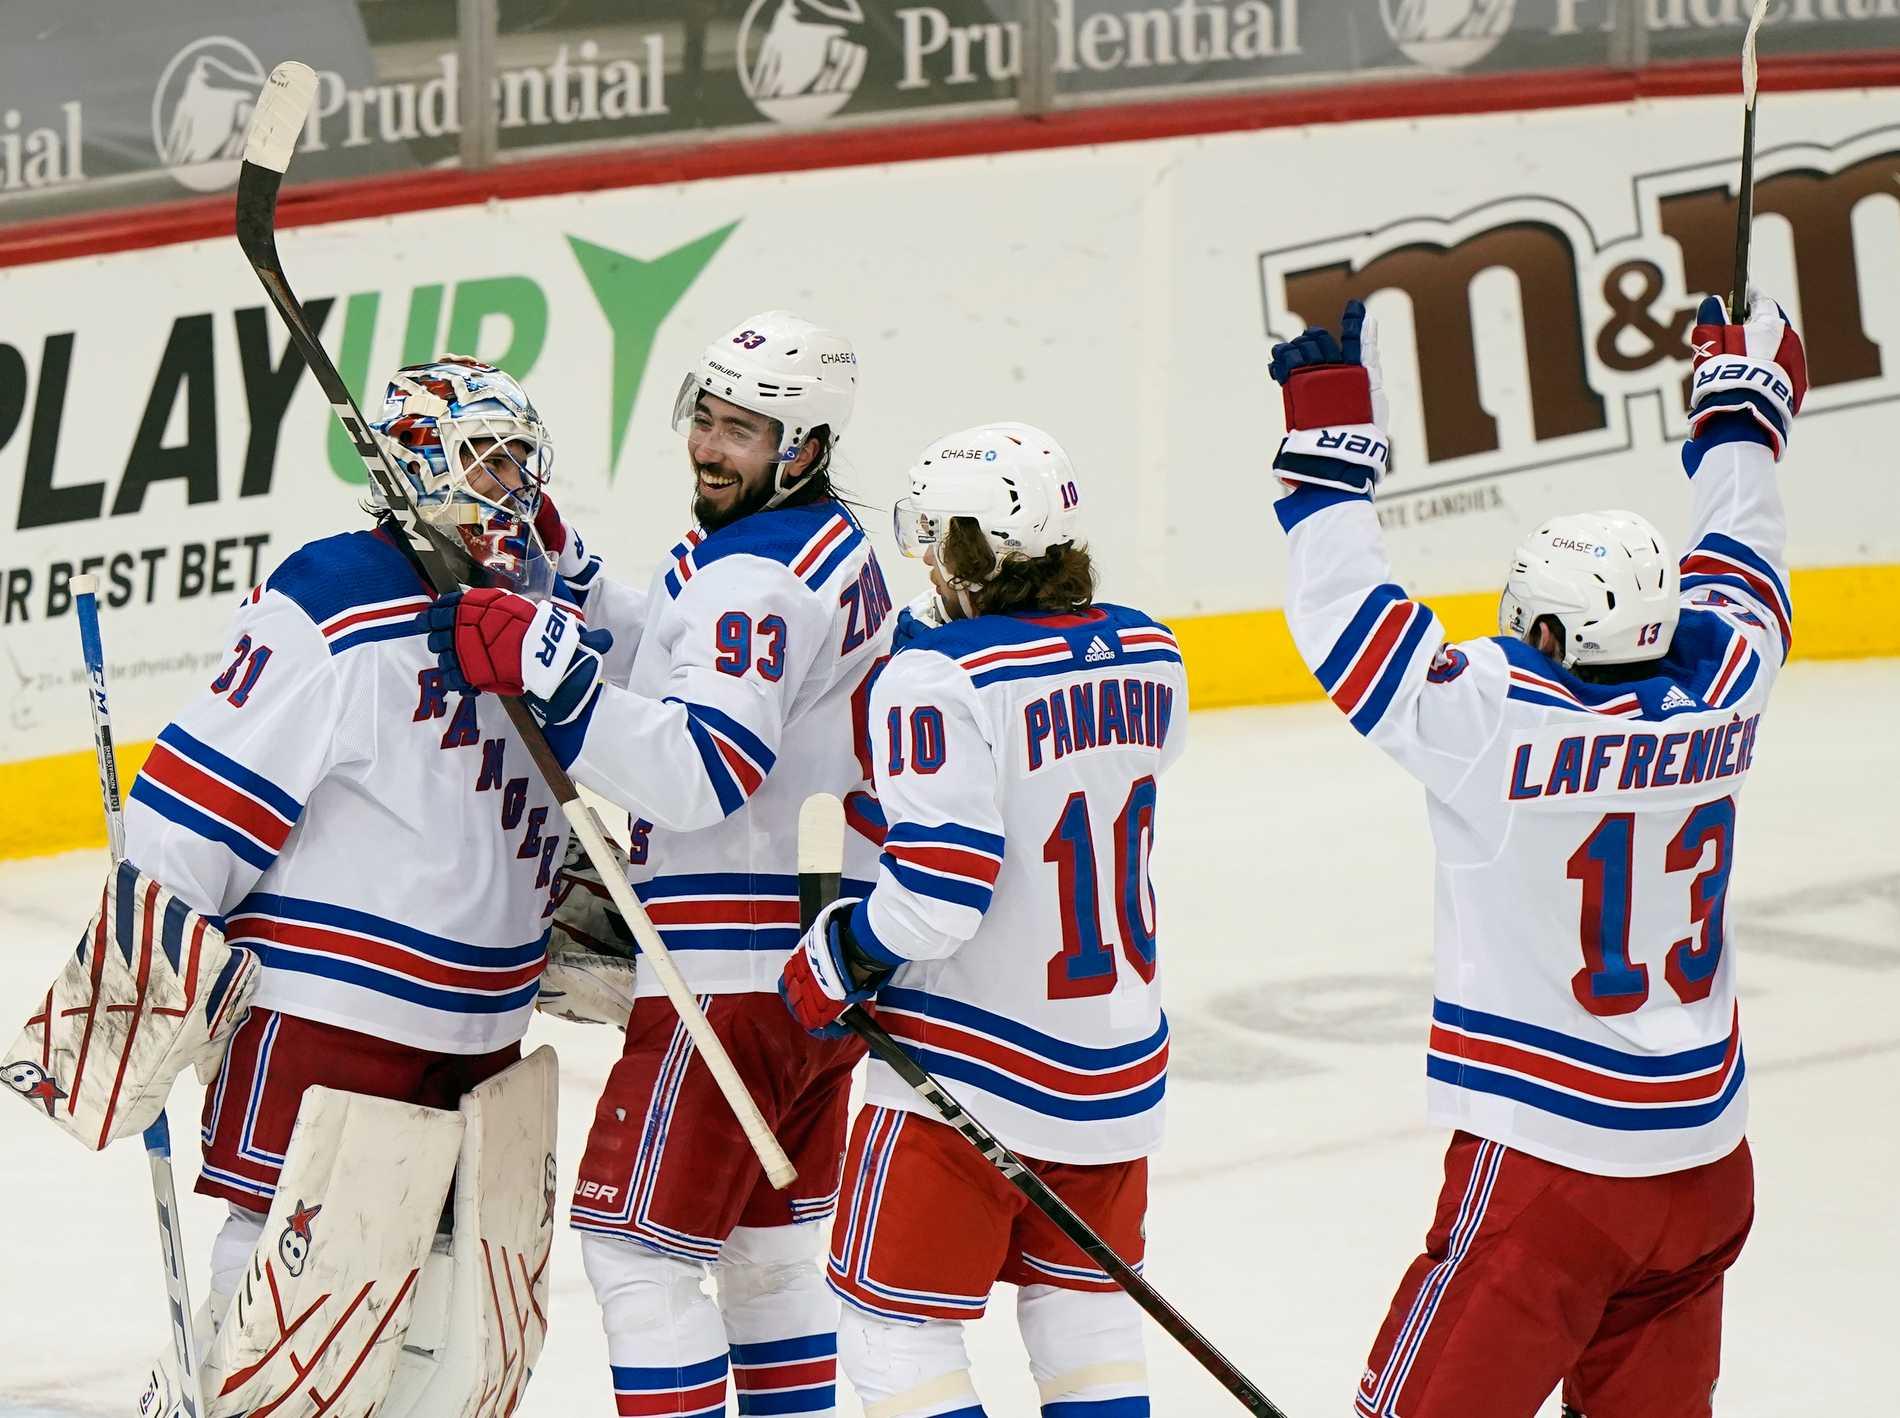 Mika Zibanejad firar efter New York Rangers seger mot New Jersey Devils.